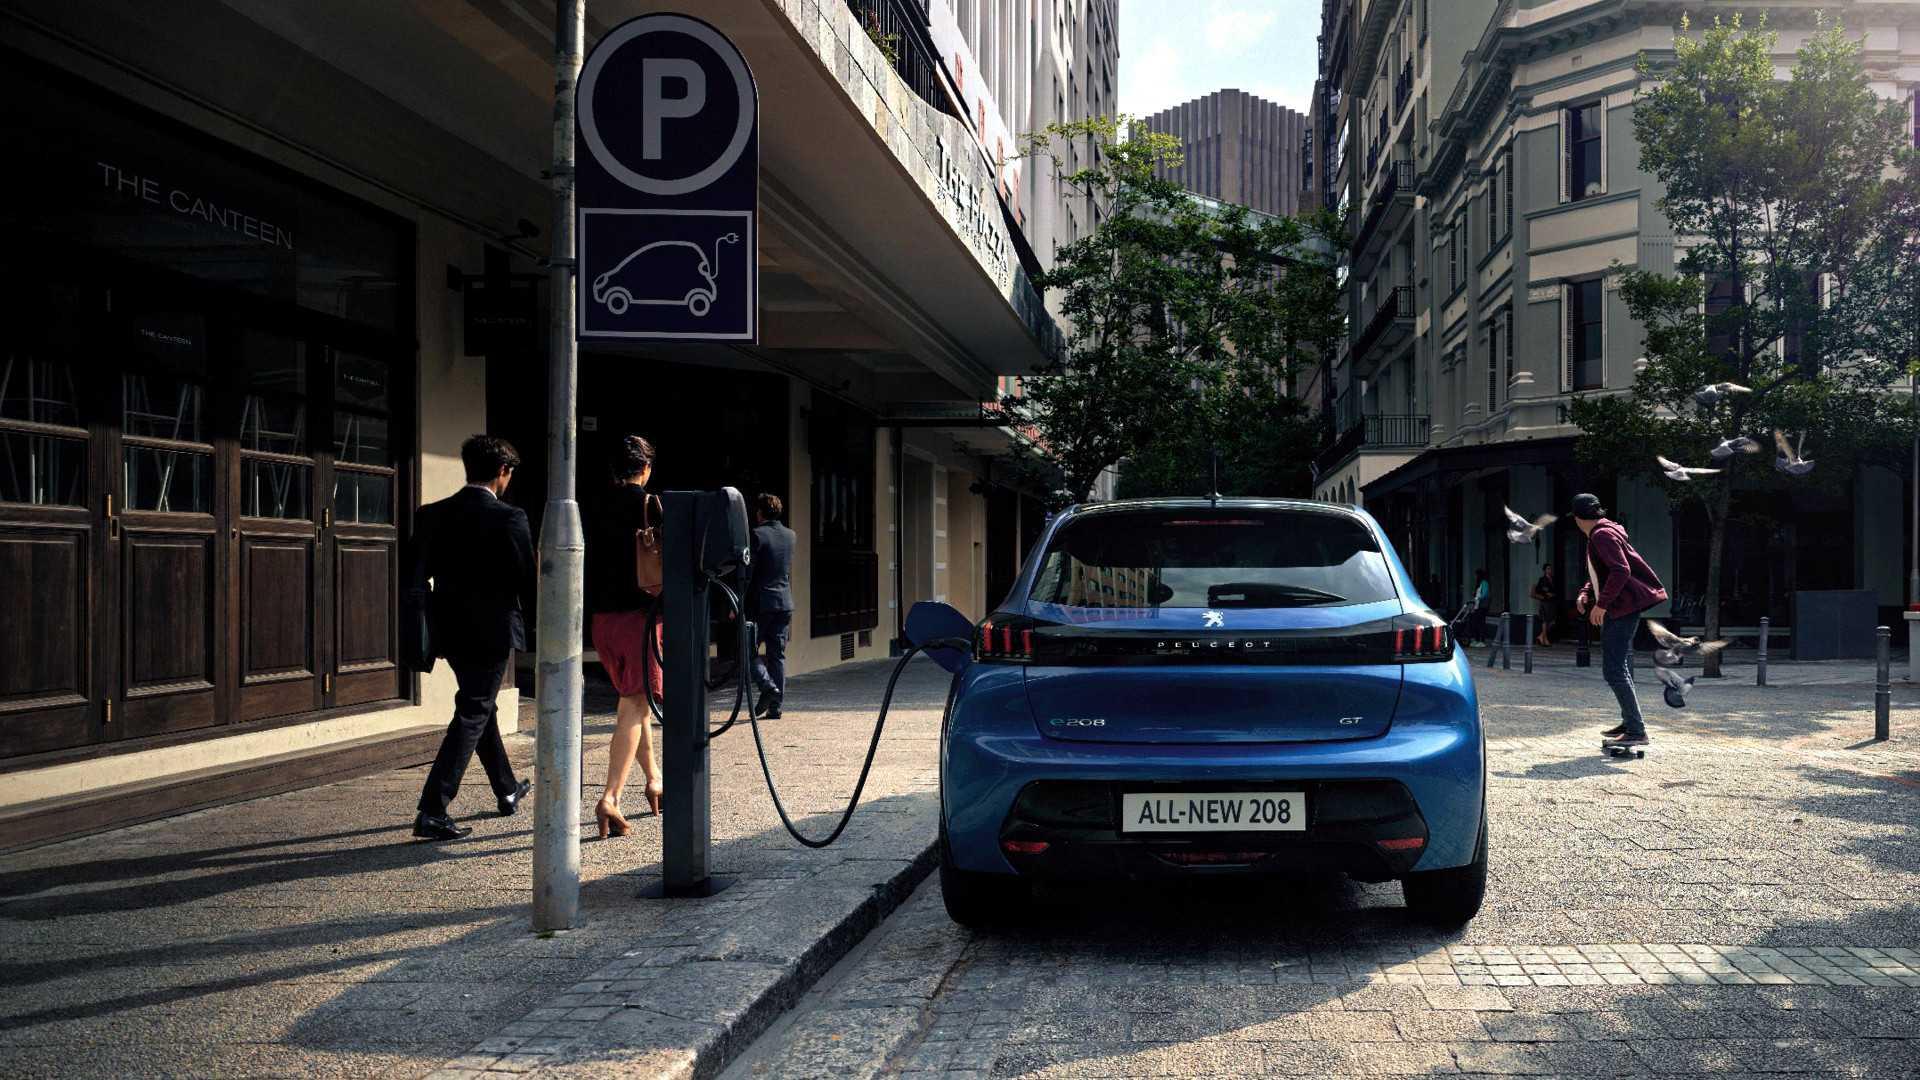 Приведут ли более низкие уровни загрязнения Lockdown к повышению спроса на электромобили?